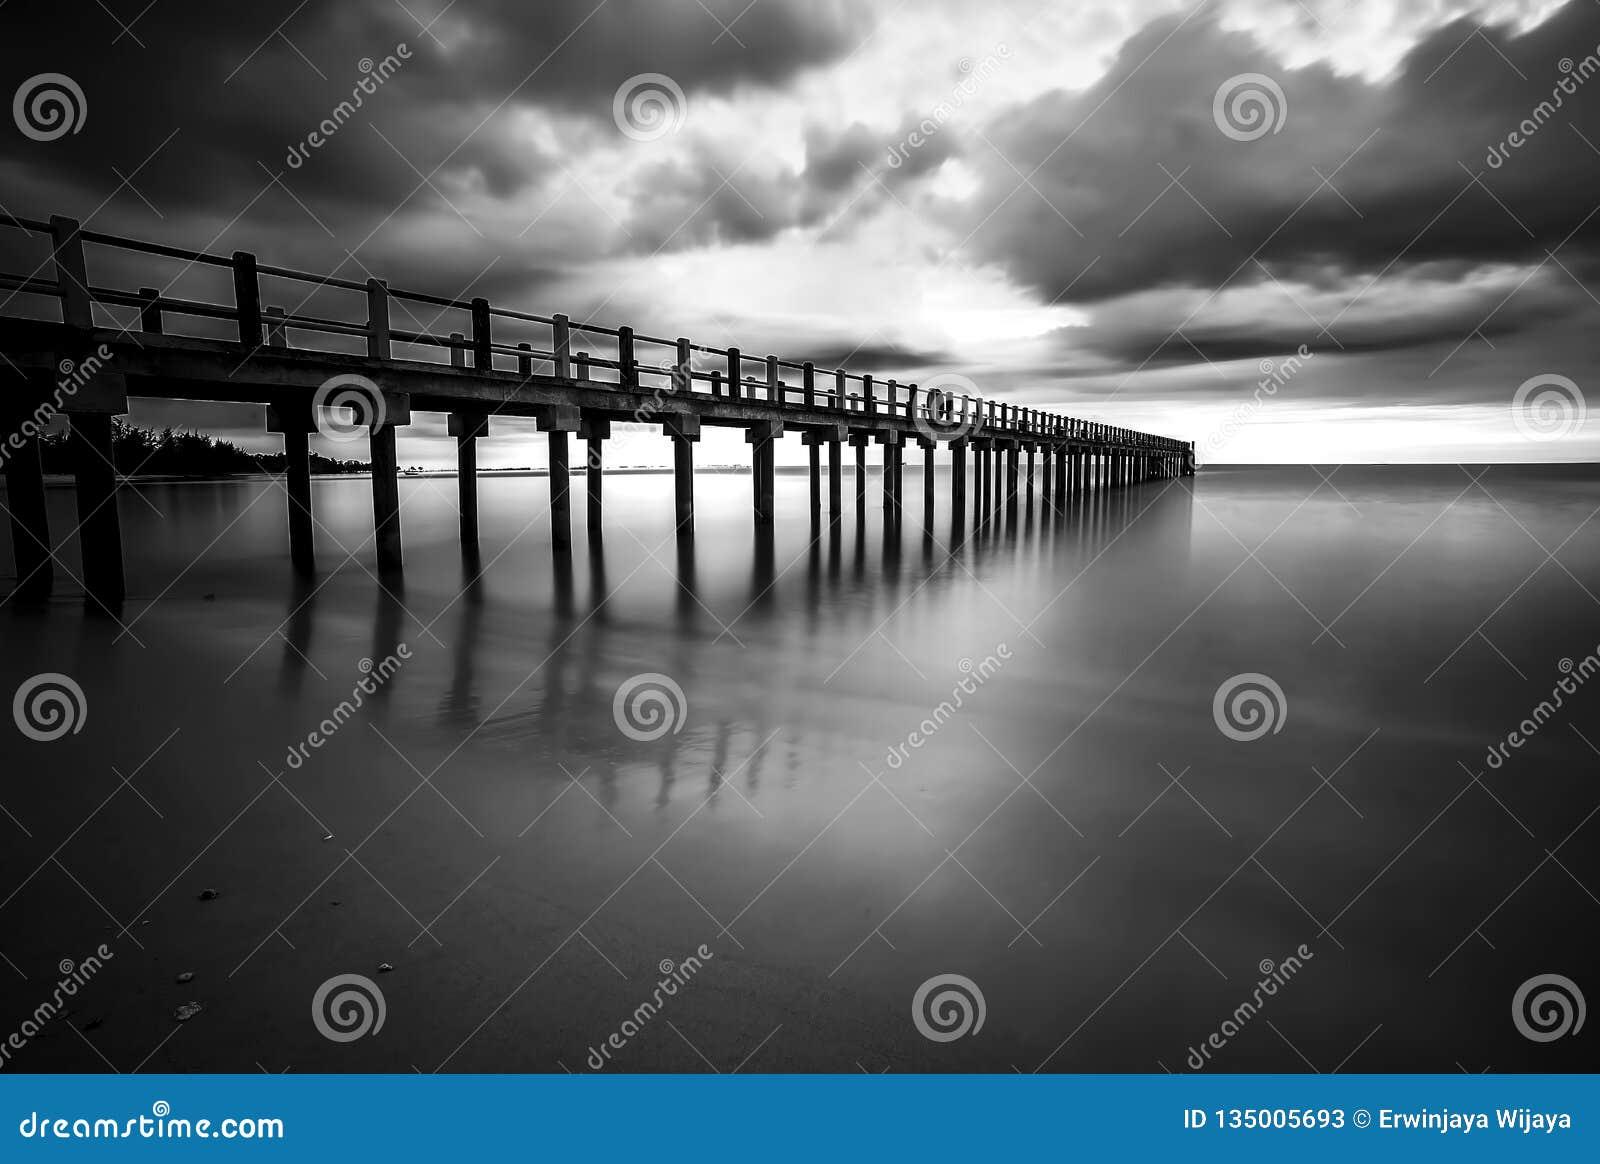 Black and white photos at batam bintan islands